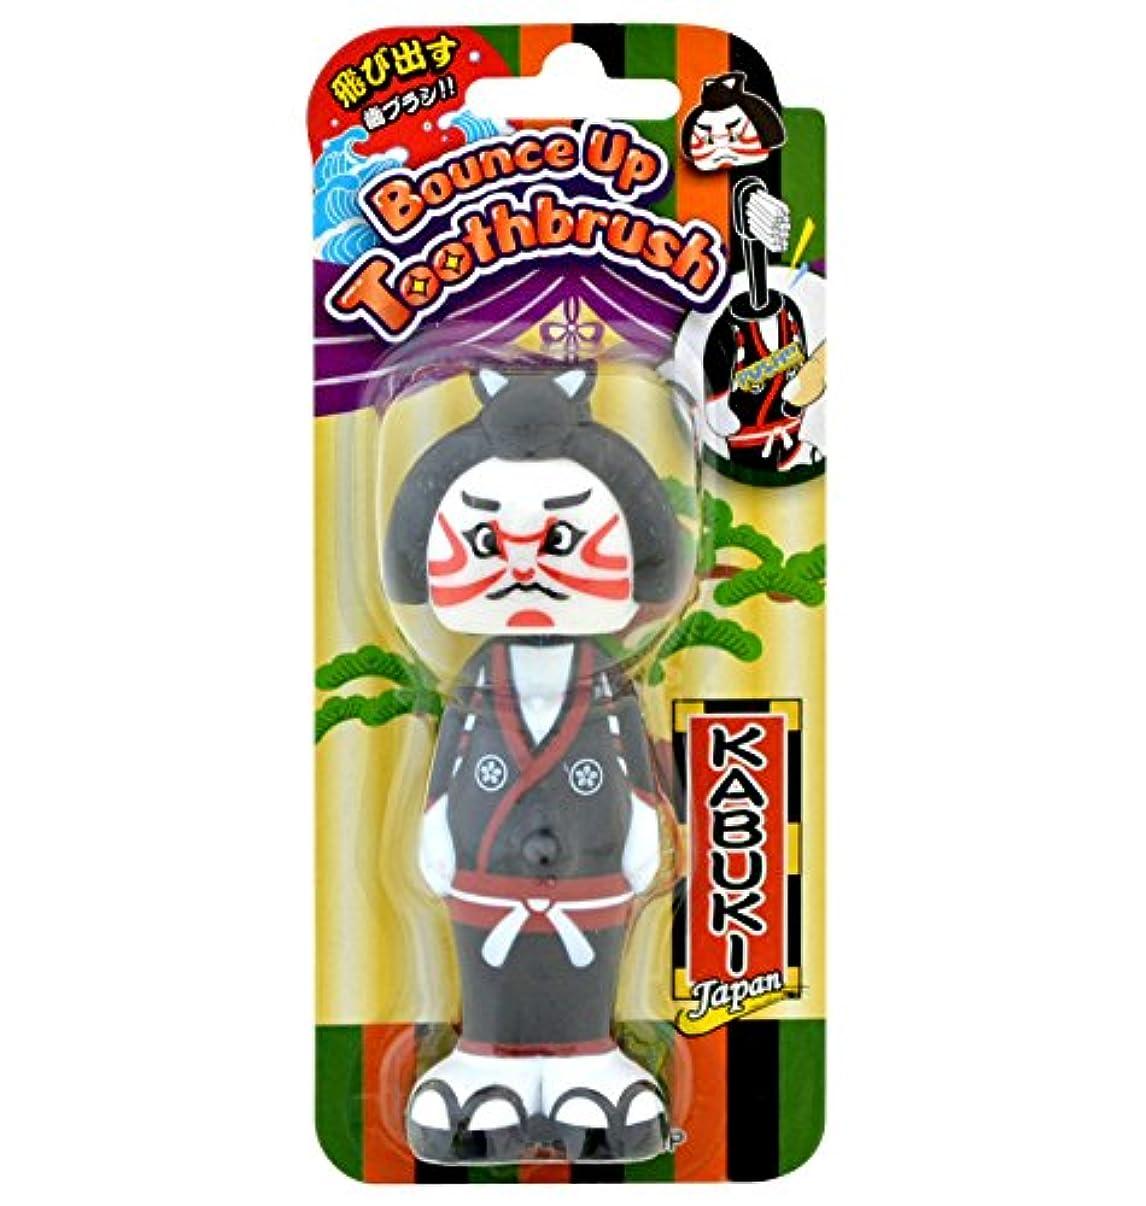 キャンベラ小競り合いの慈悲でユーカンパニー バウンスアップ歯ブラシ 歌舞伎 ブラック